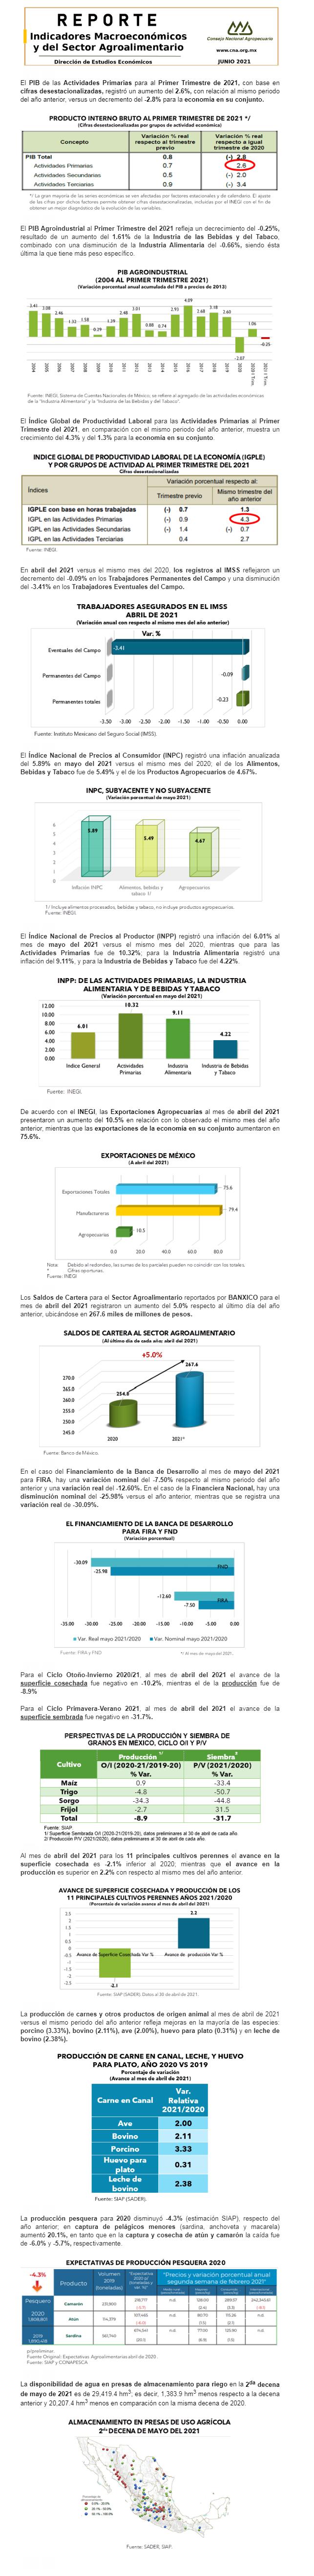 Reporte de Indicadores Macroeconómicos y Sectoriales del Sector de junio 2021.